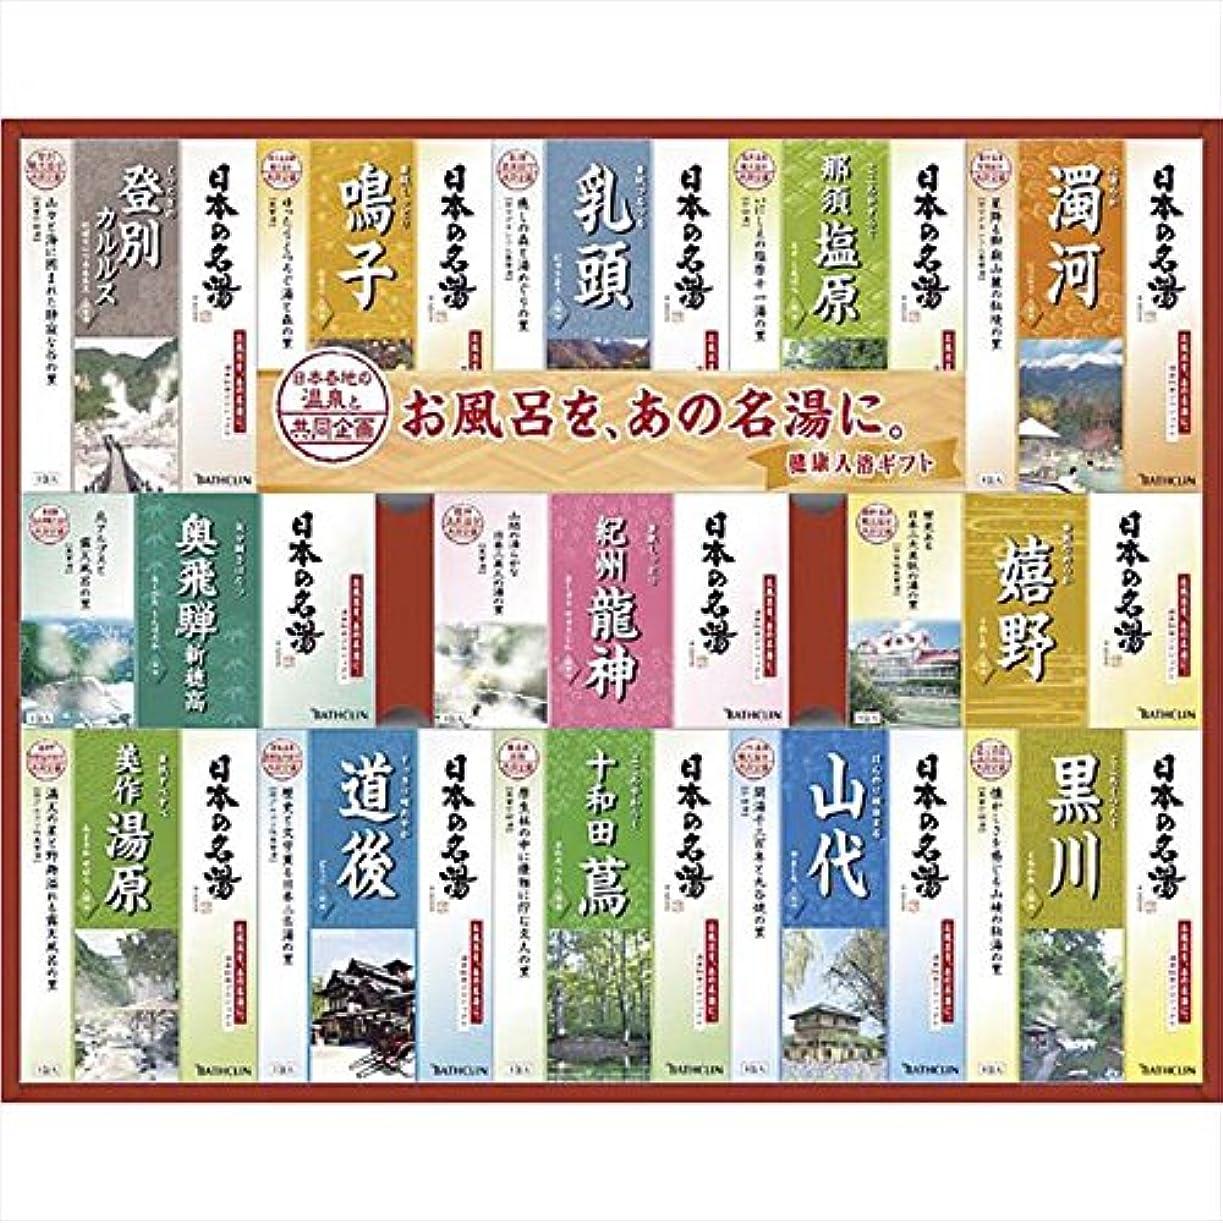 最近パワーモードリンバスクリン 日本の名湯 ギフトセット 【ギフト 温泉 セット つめあわせ 詰め合わせ 湯めぐり 贅沢 お風呂 風呂 バス ゆったり プレゼント 引越 引越し 香り 快適 秘湯 贈り物 F7238-04】